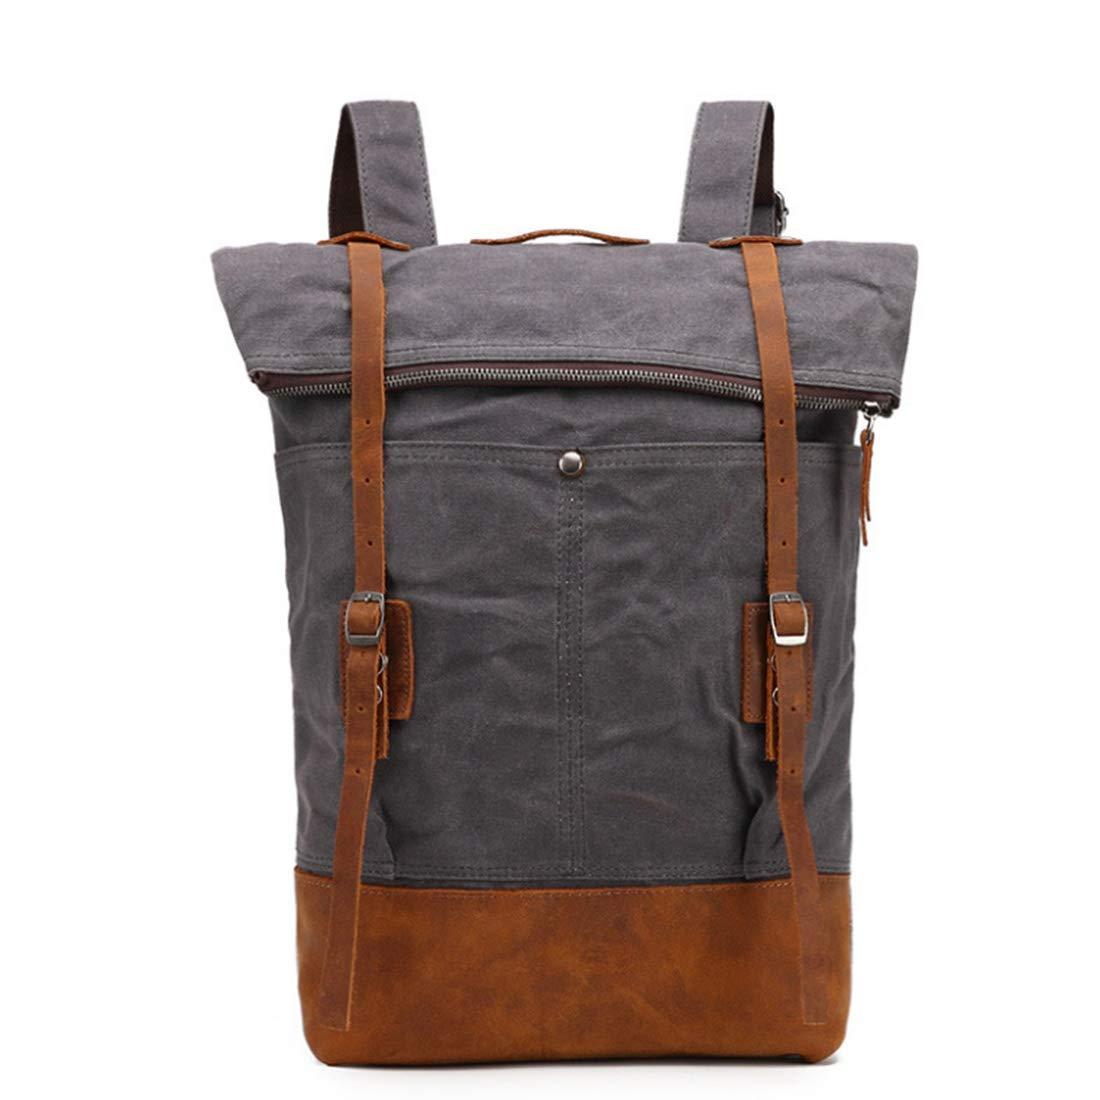 CAFUTY バックパックのバックパックカジュアルなバックパックレトロ旅行のバックパックの男性と女性のラップトップのバックパック (Color : グレー) B07P8VJBTD グレー